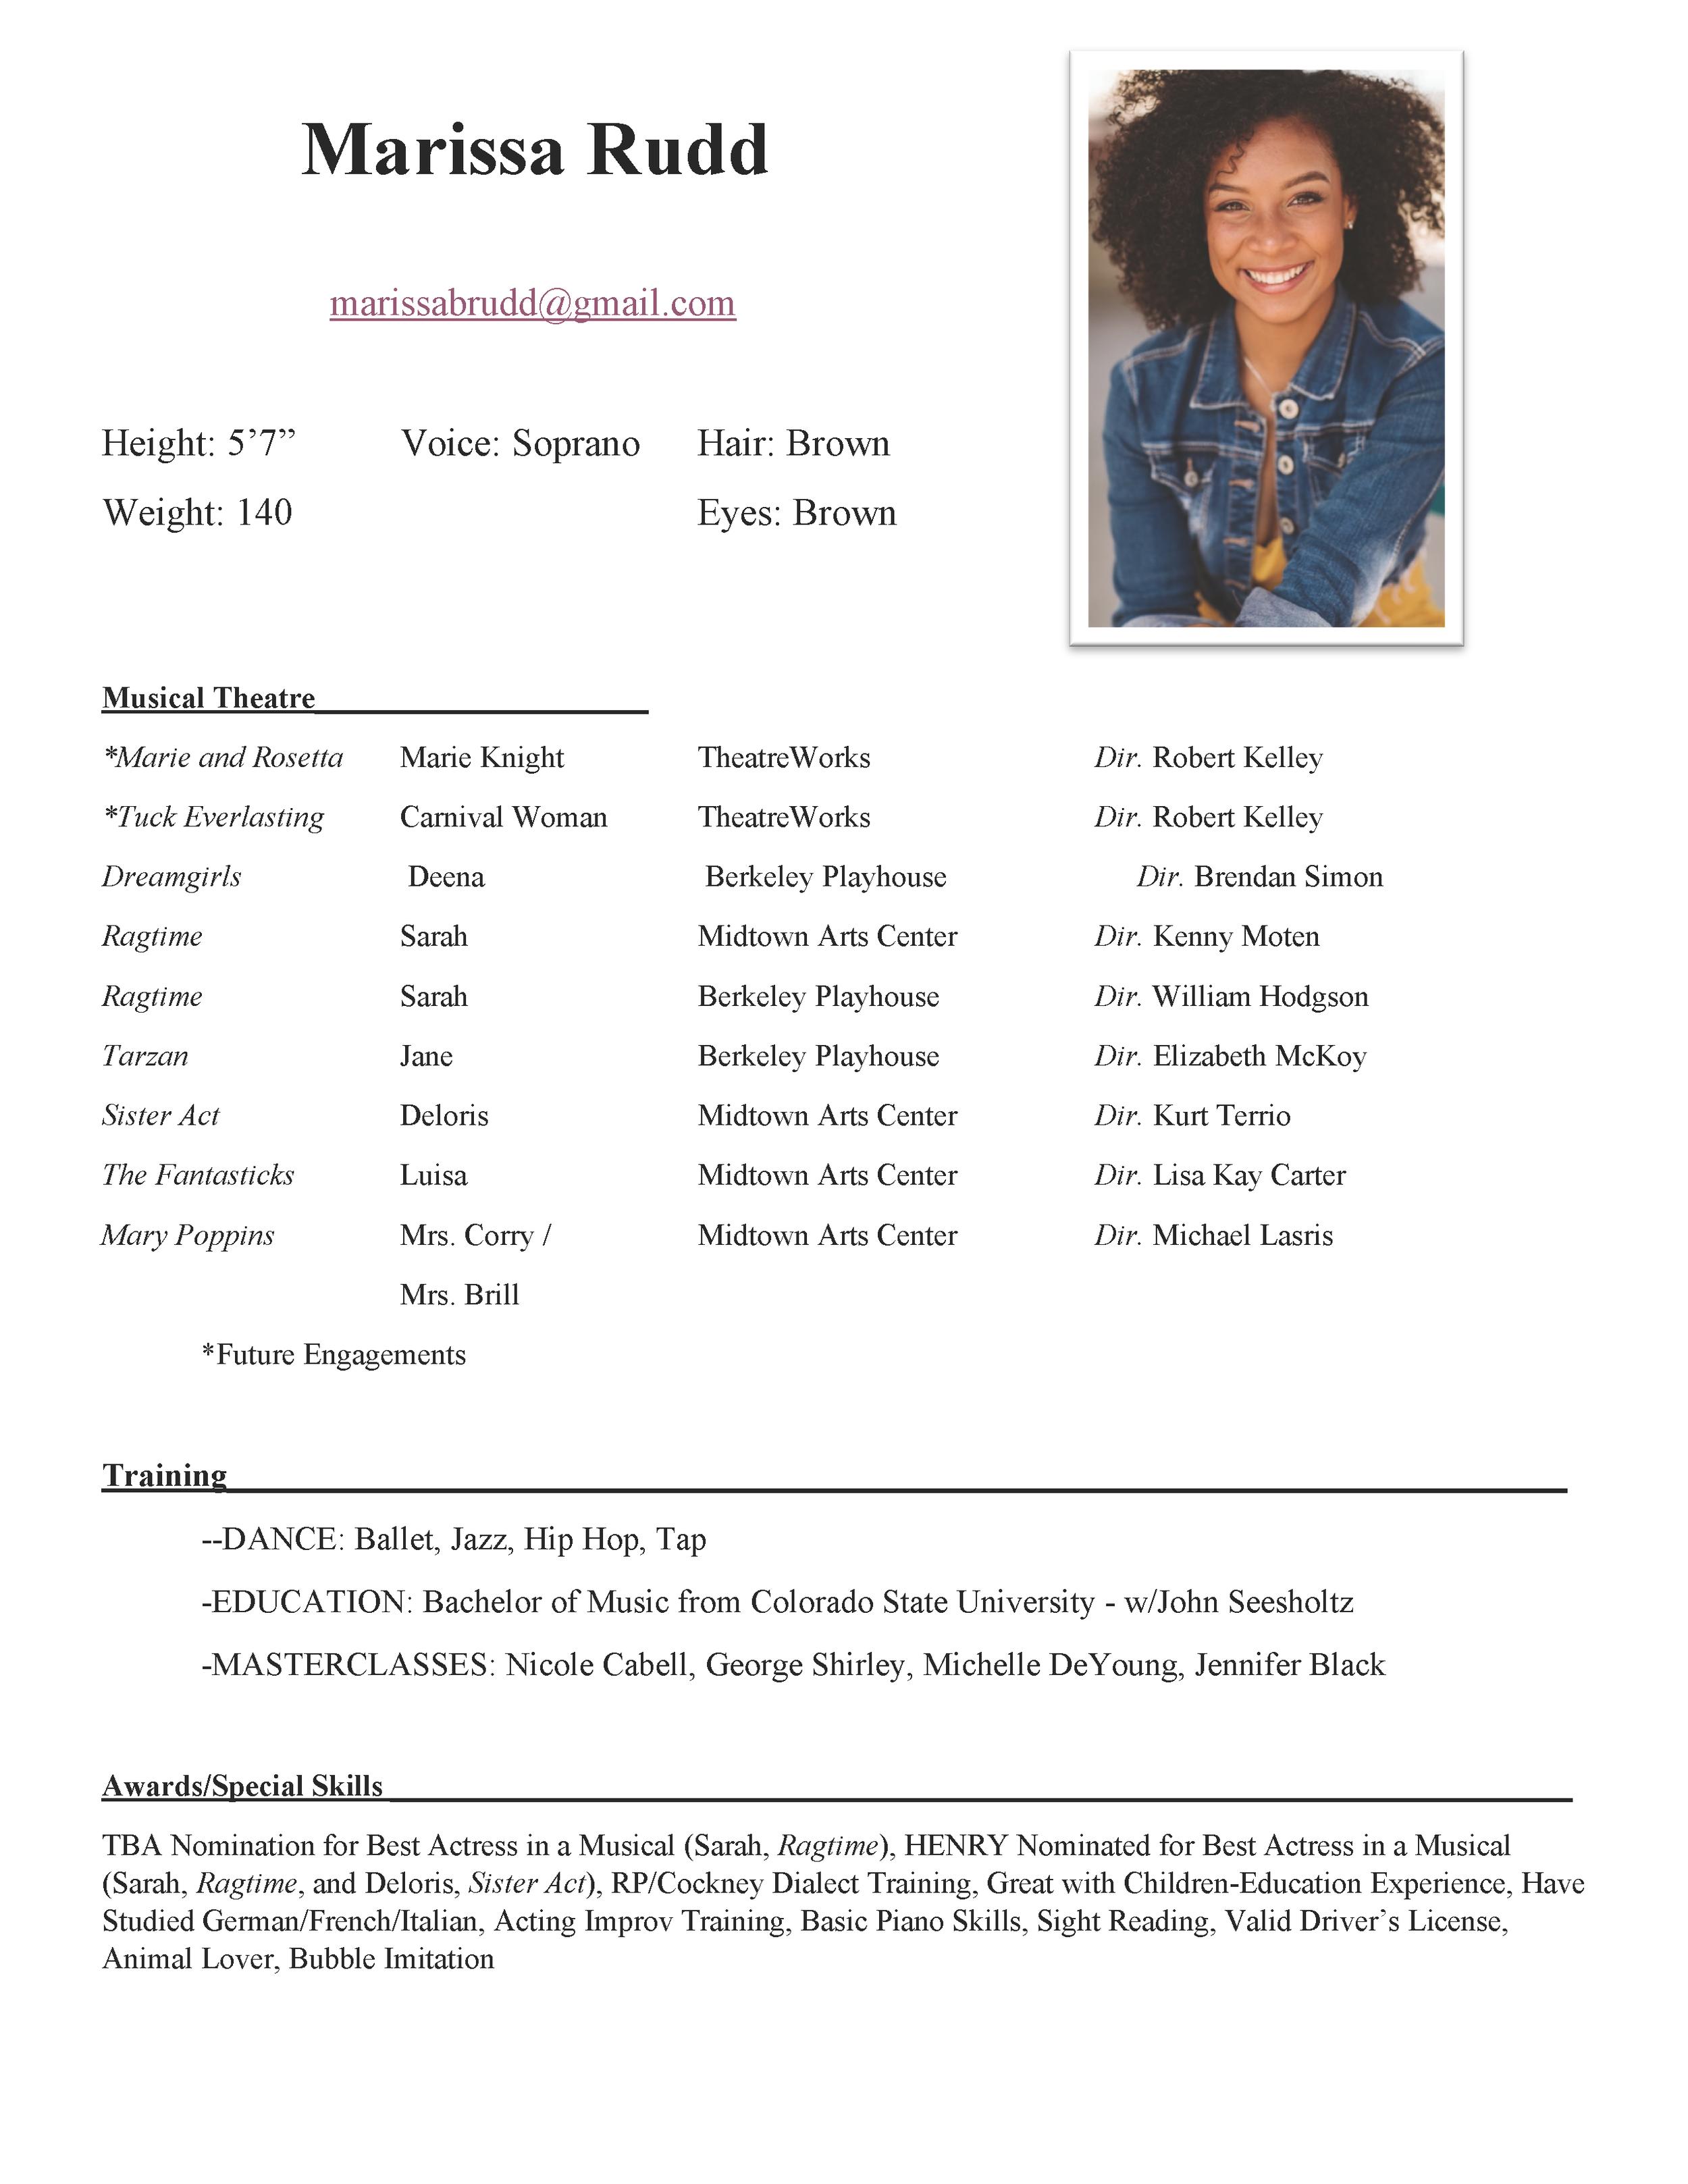 Marissa's Resume